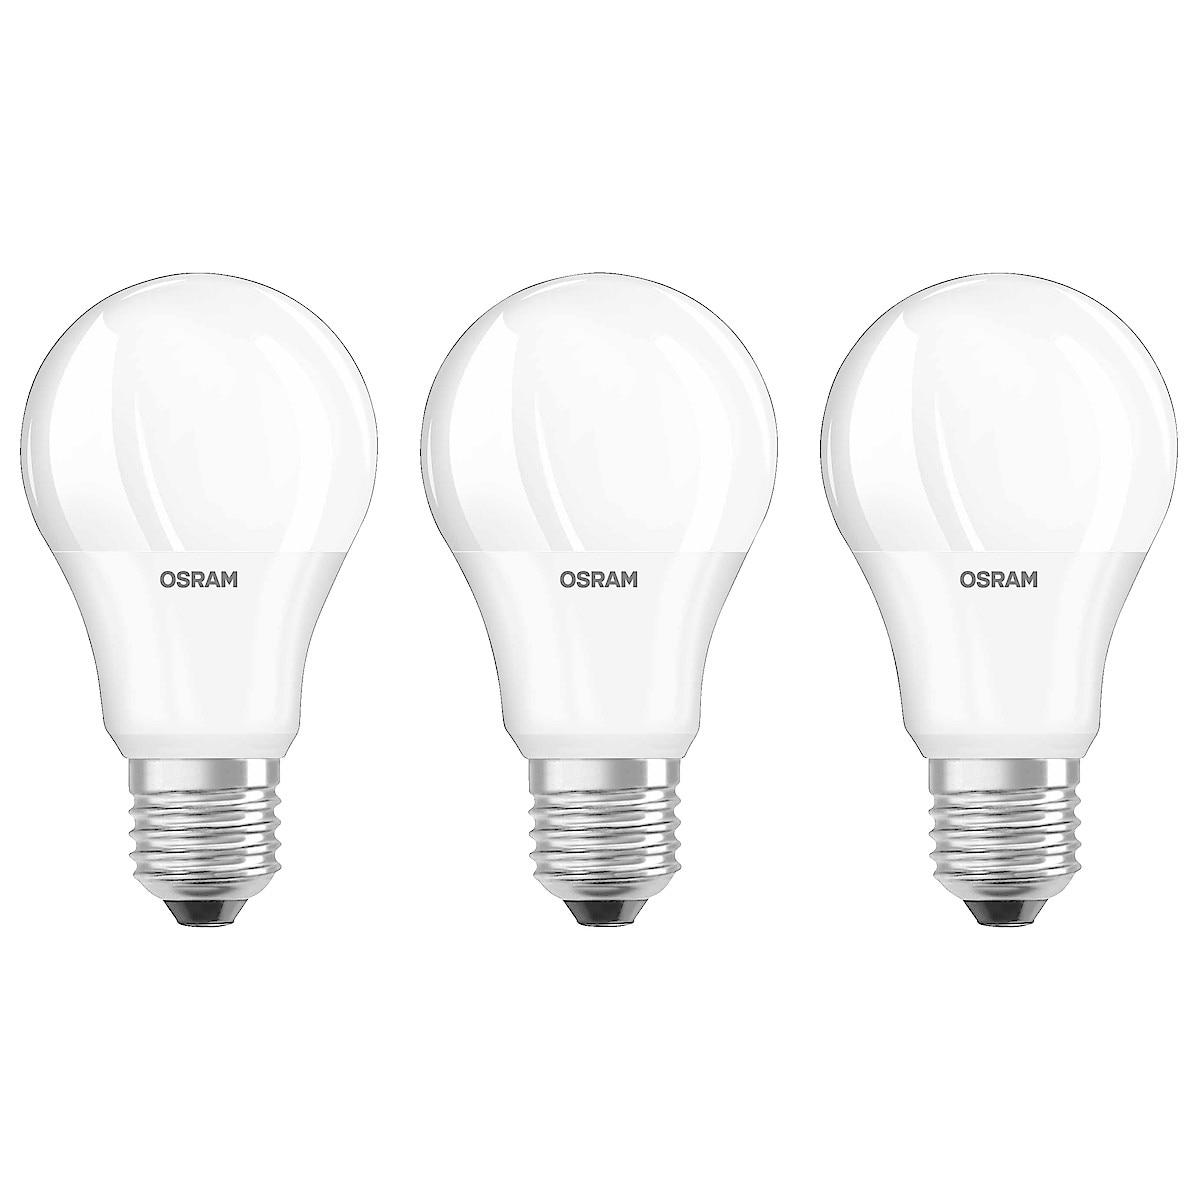 Osram LED Classic lyspære E27 3-pack